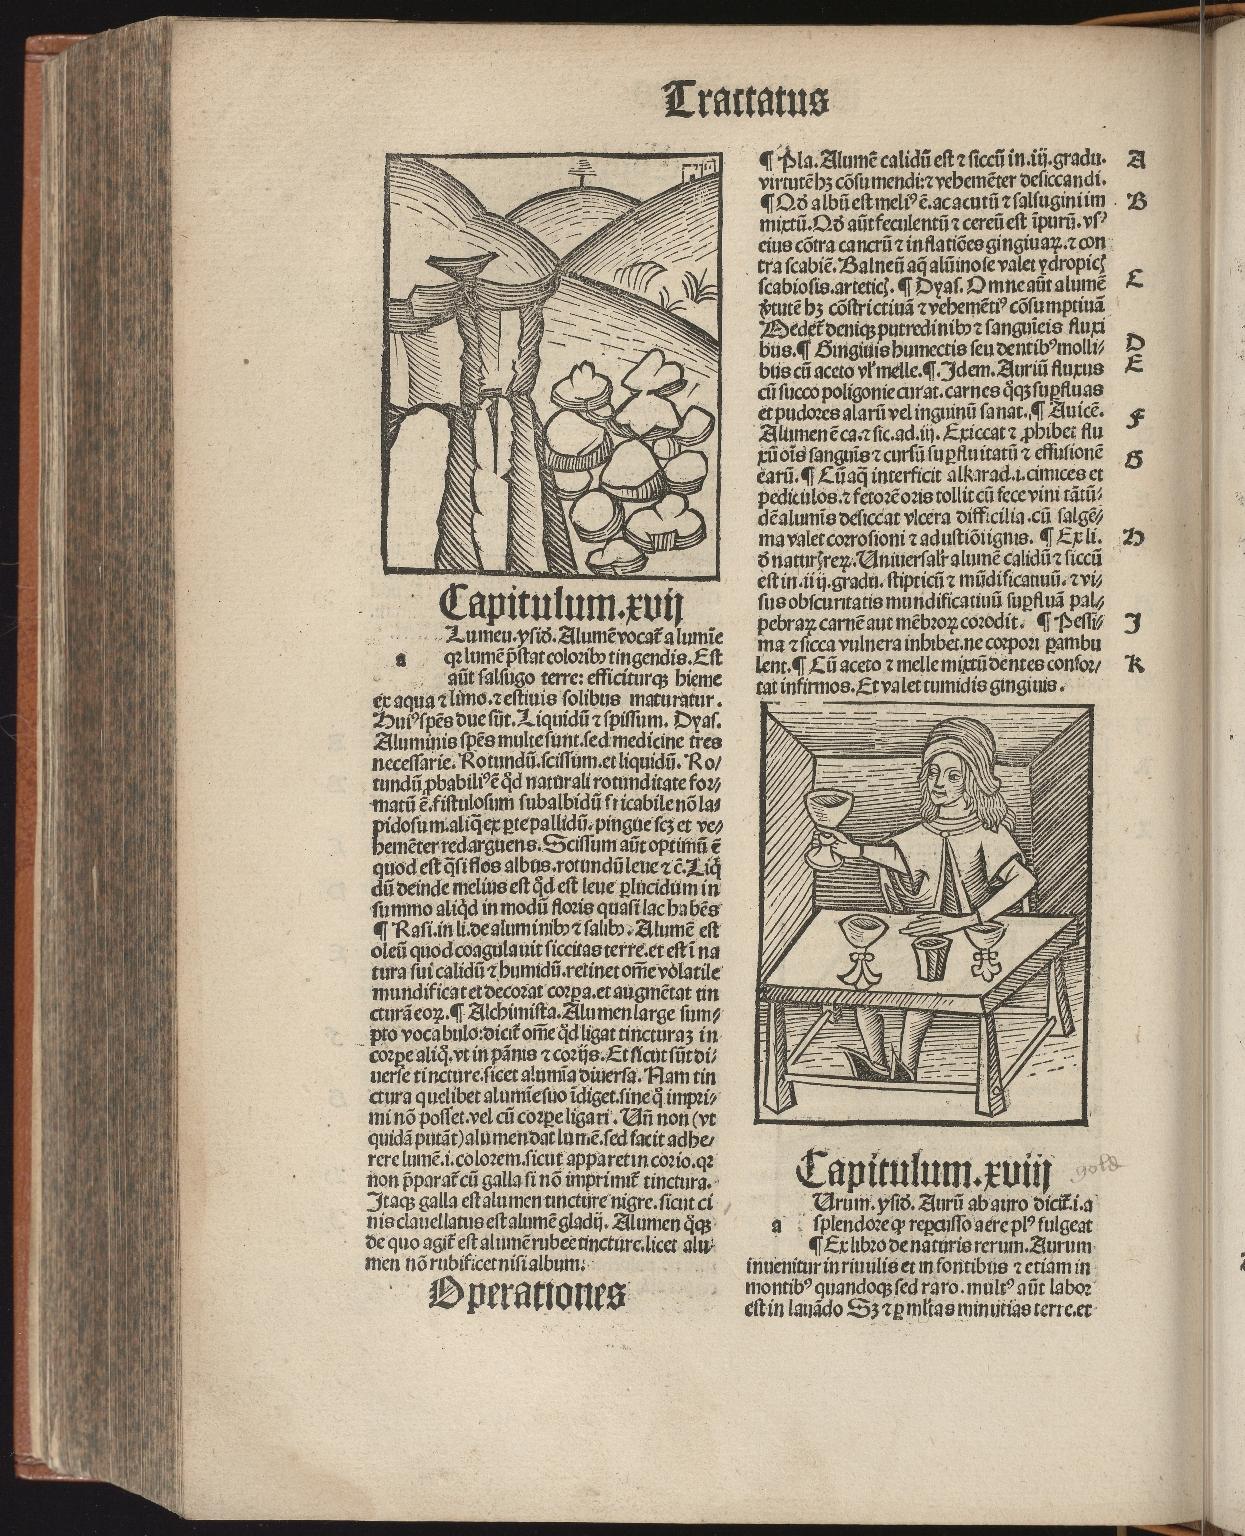 Hortus sanitatis, Fol.301 verso